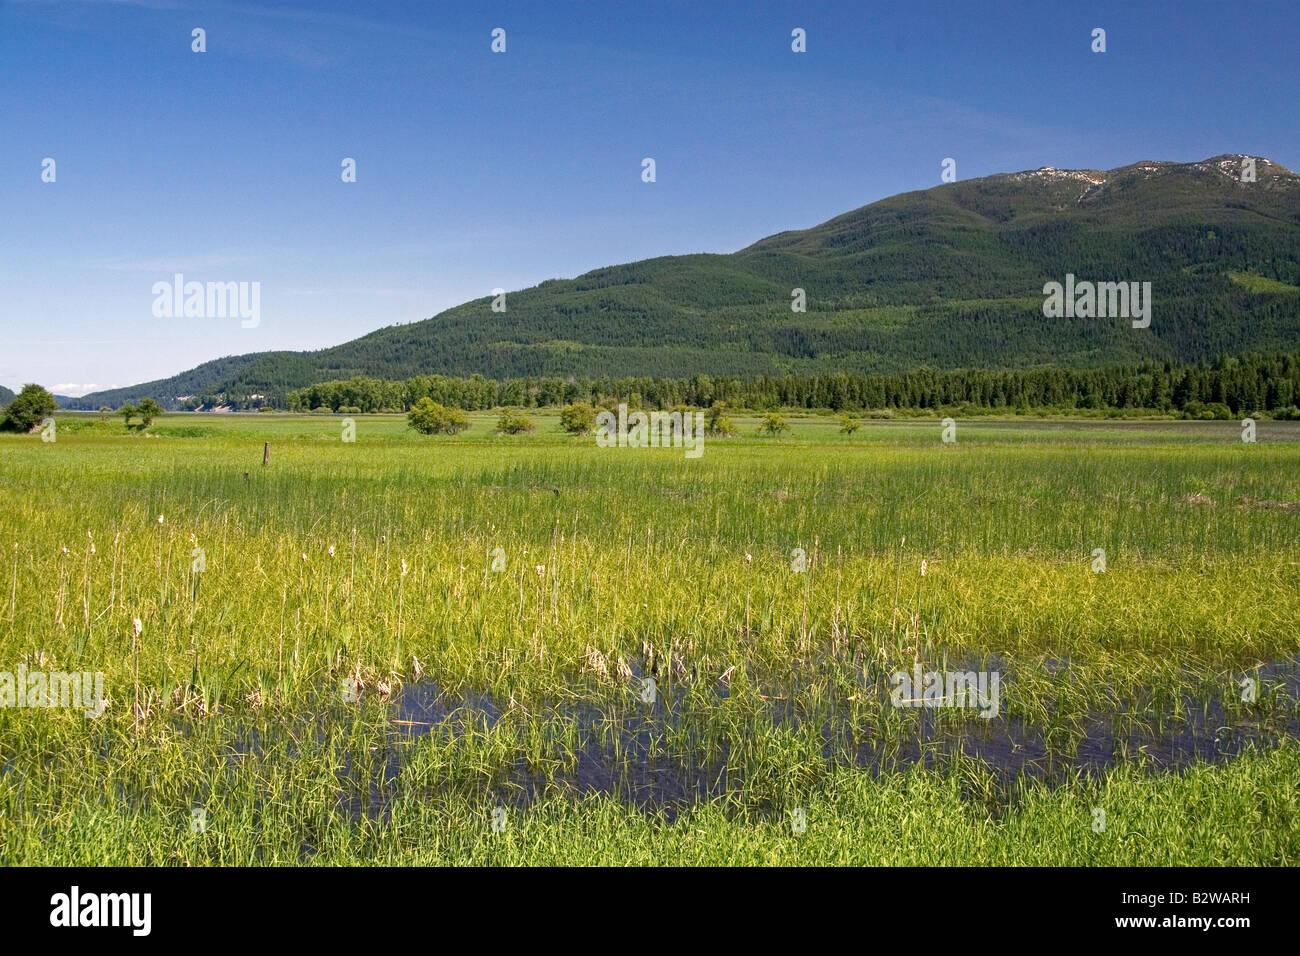 Swan River National Wildlife Refuge near Kalispell Montana - Stock Image